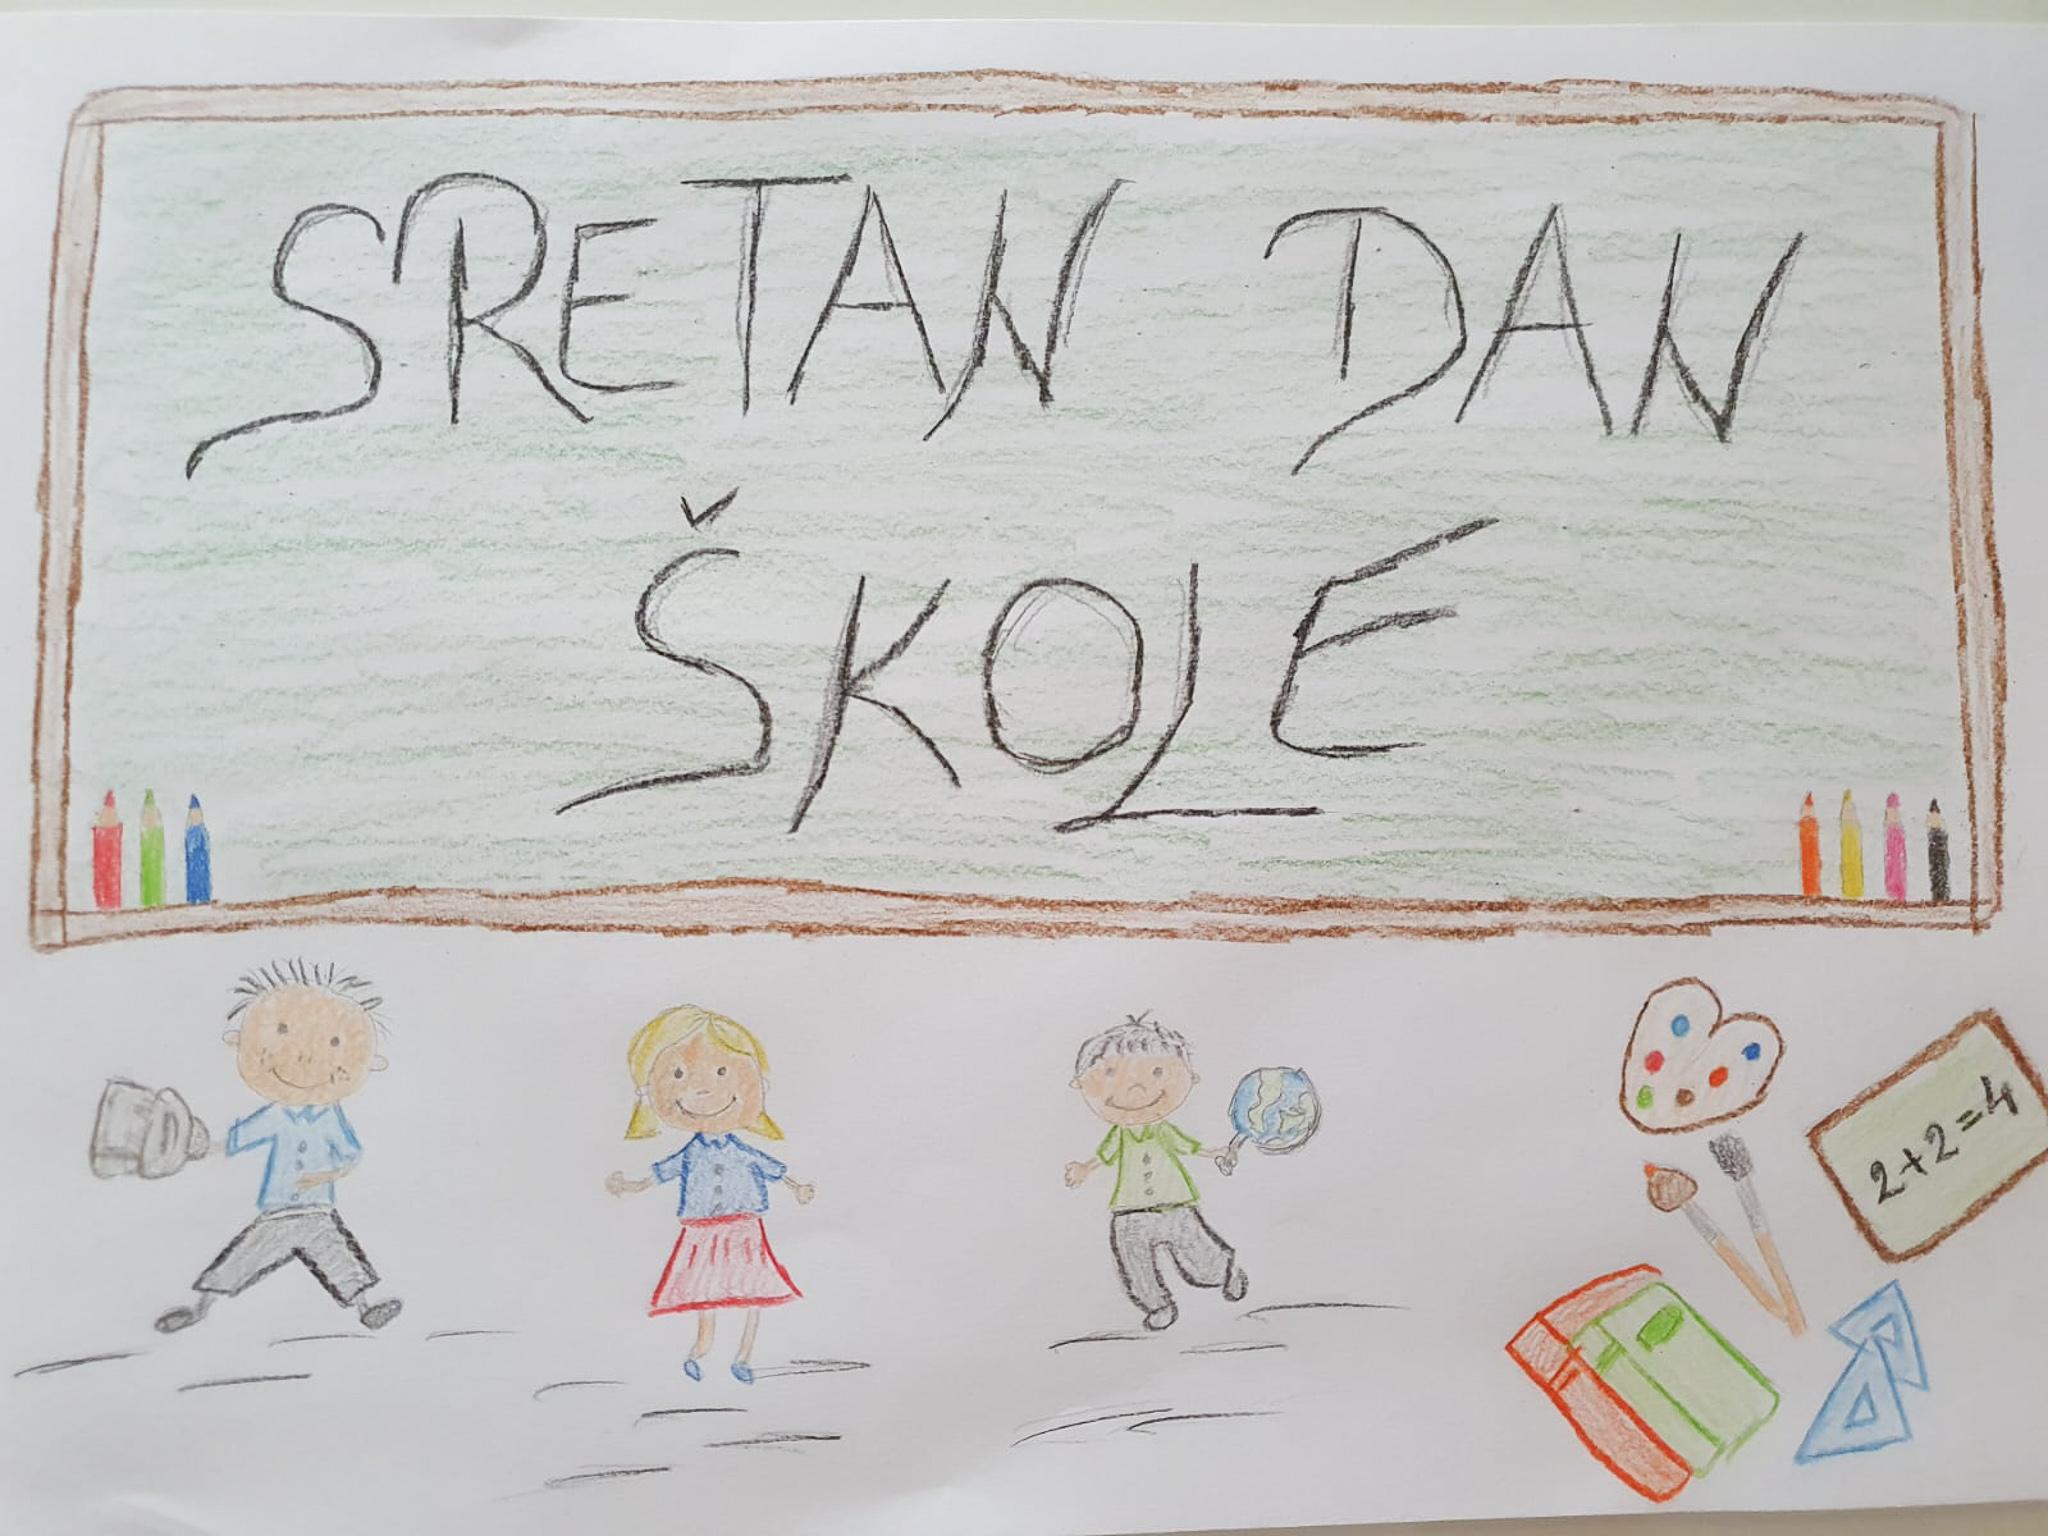 dan_skole-5